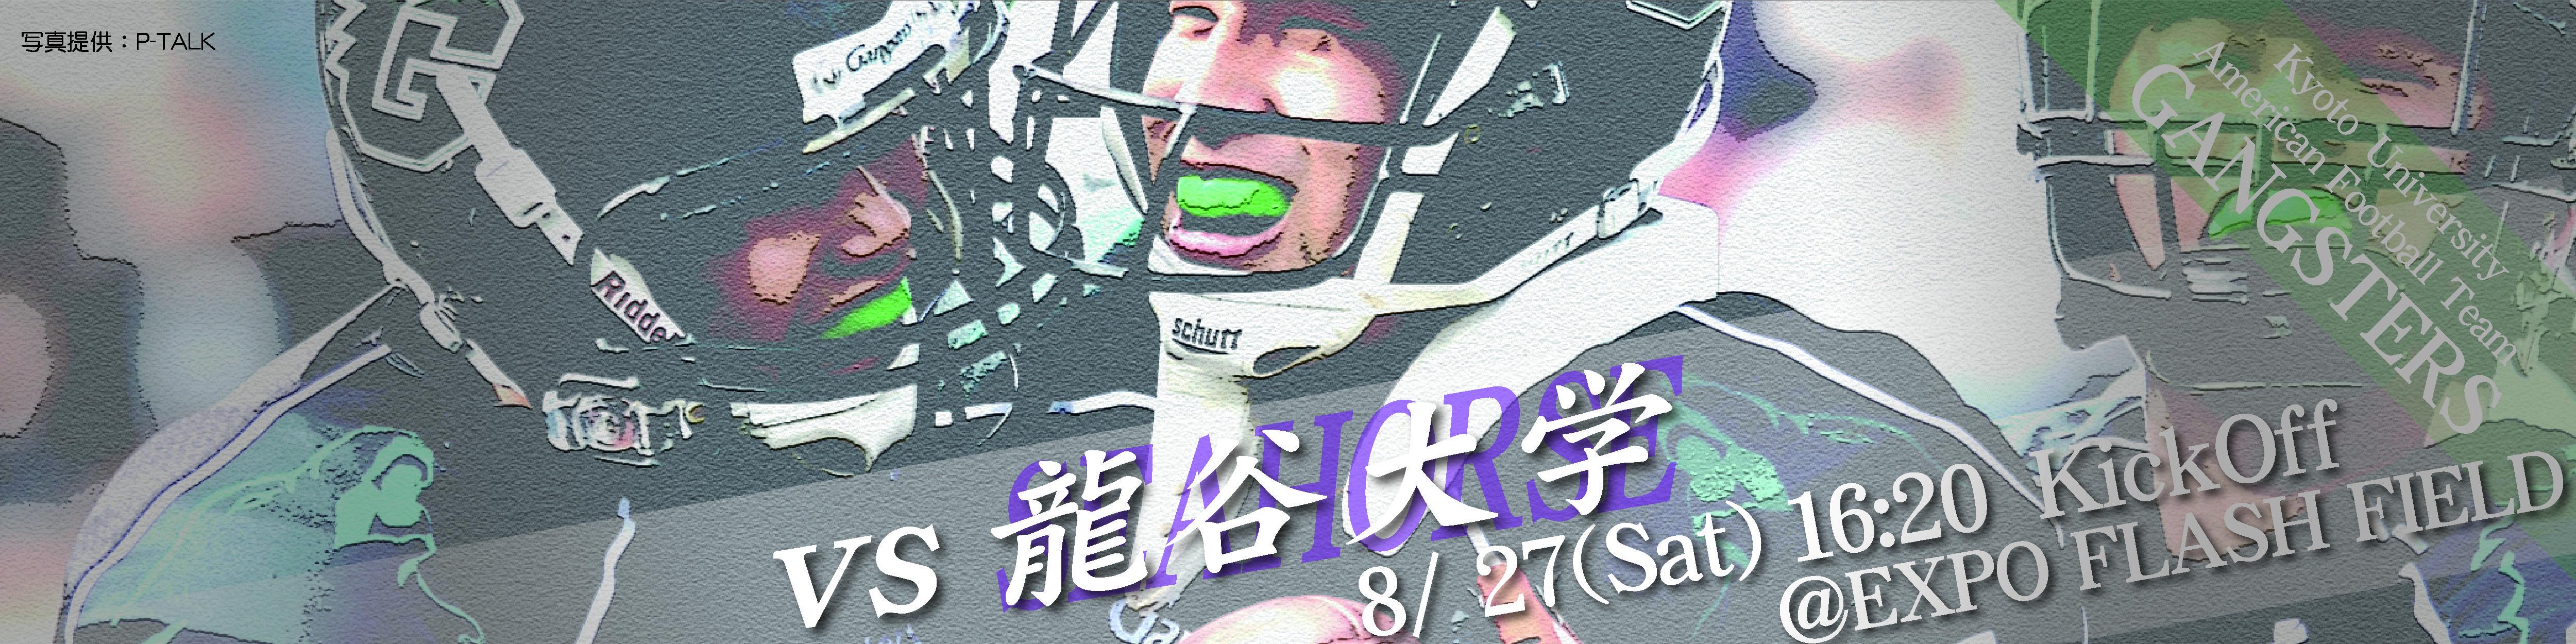 2016秋 龍谷大学戦